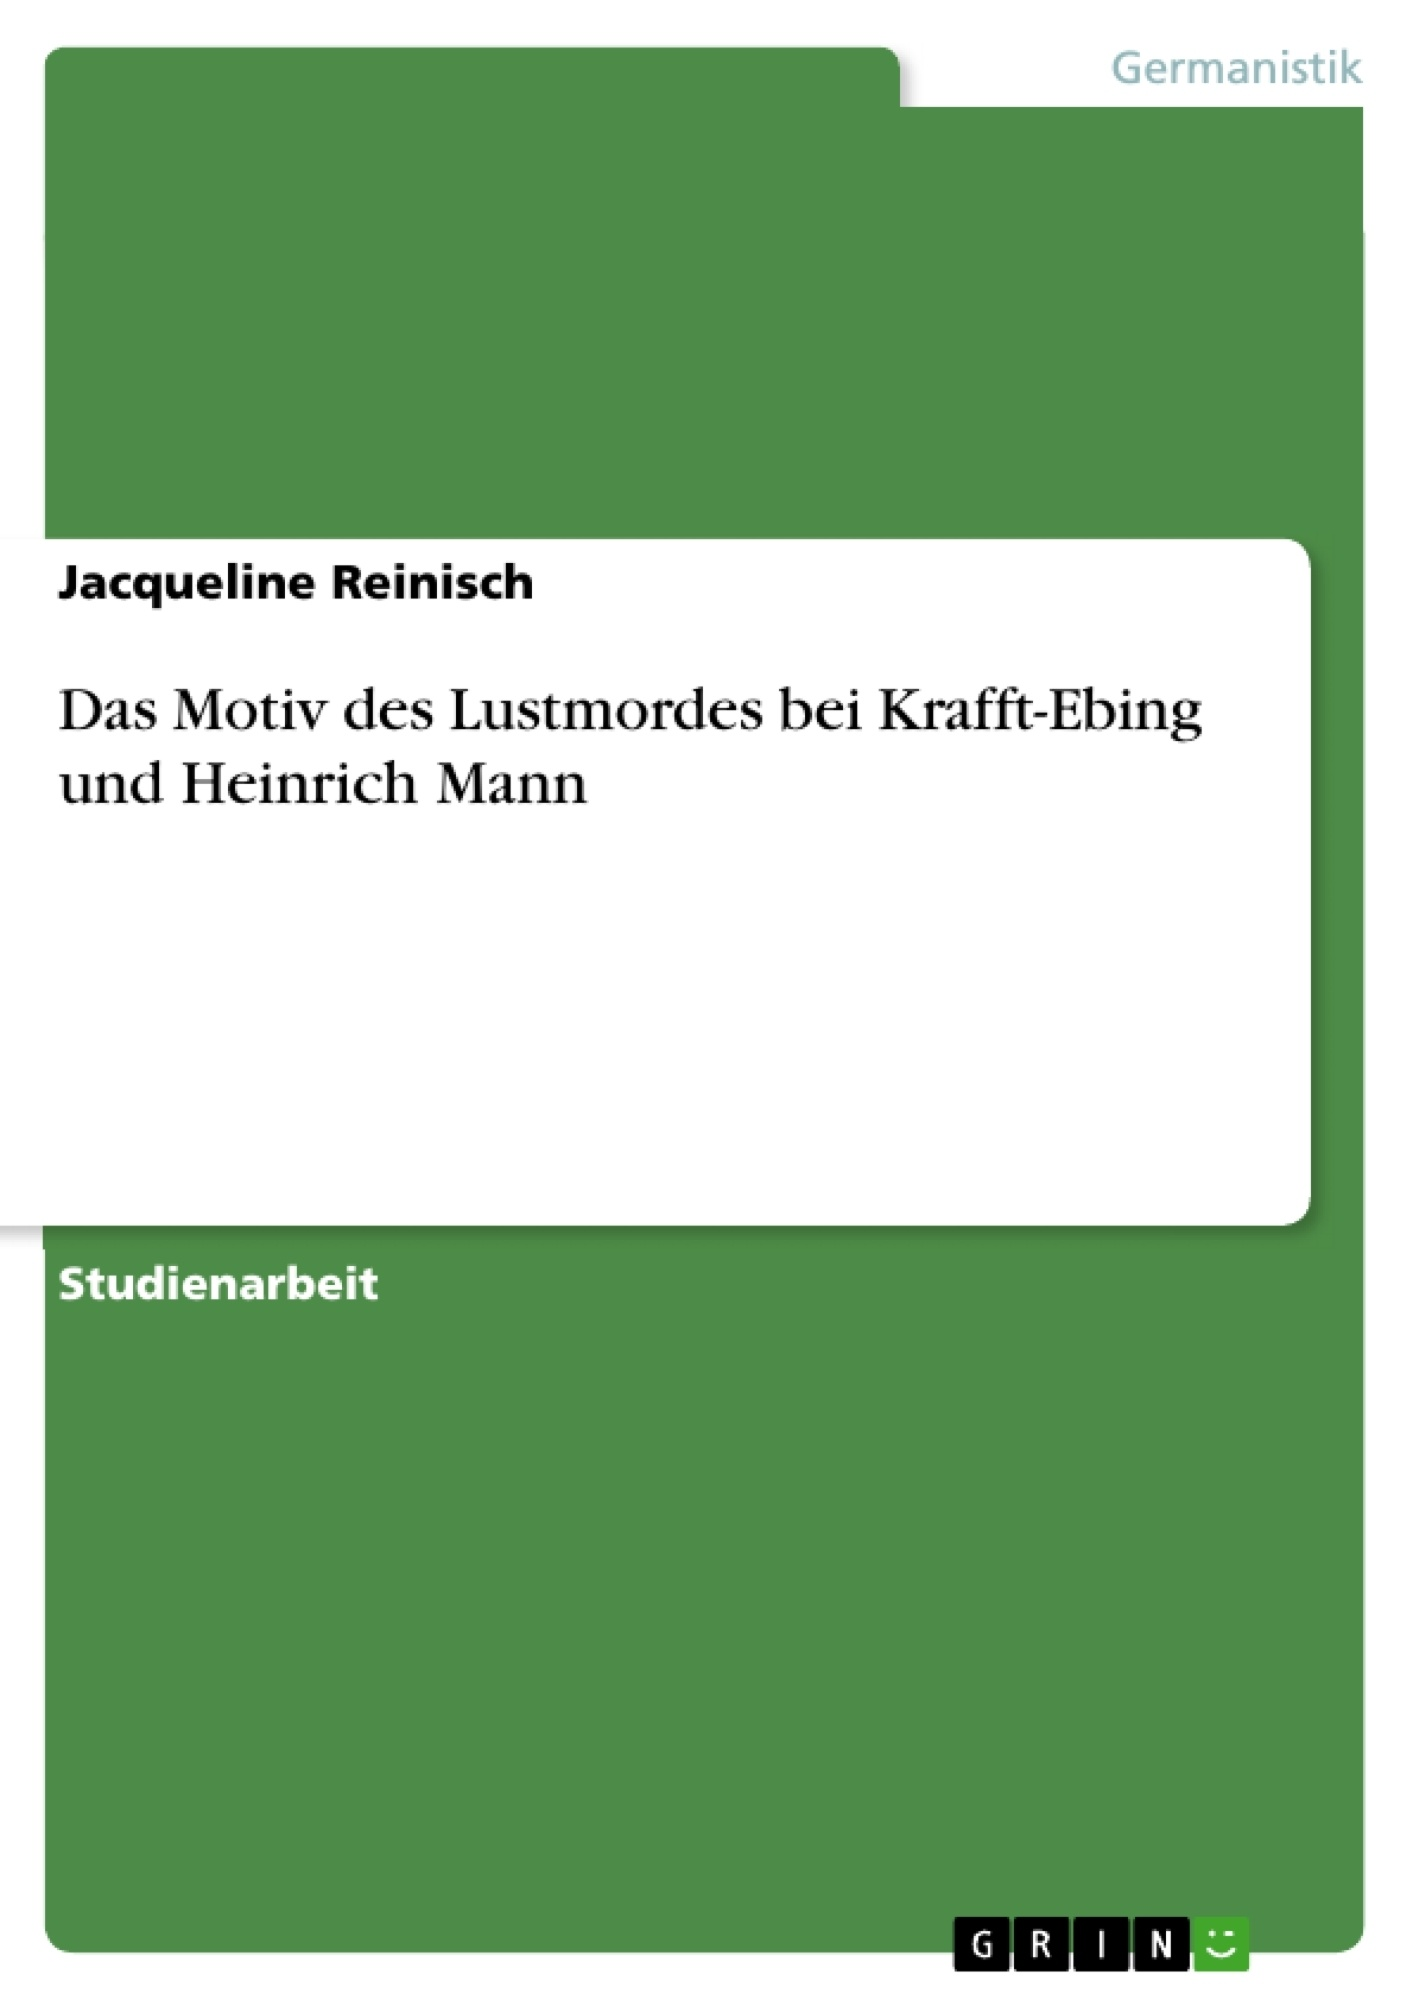 Titel: Das Motiv des Lustmordes bei Krafft-Ebing und Heinrich Mann